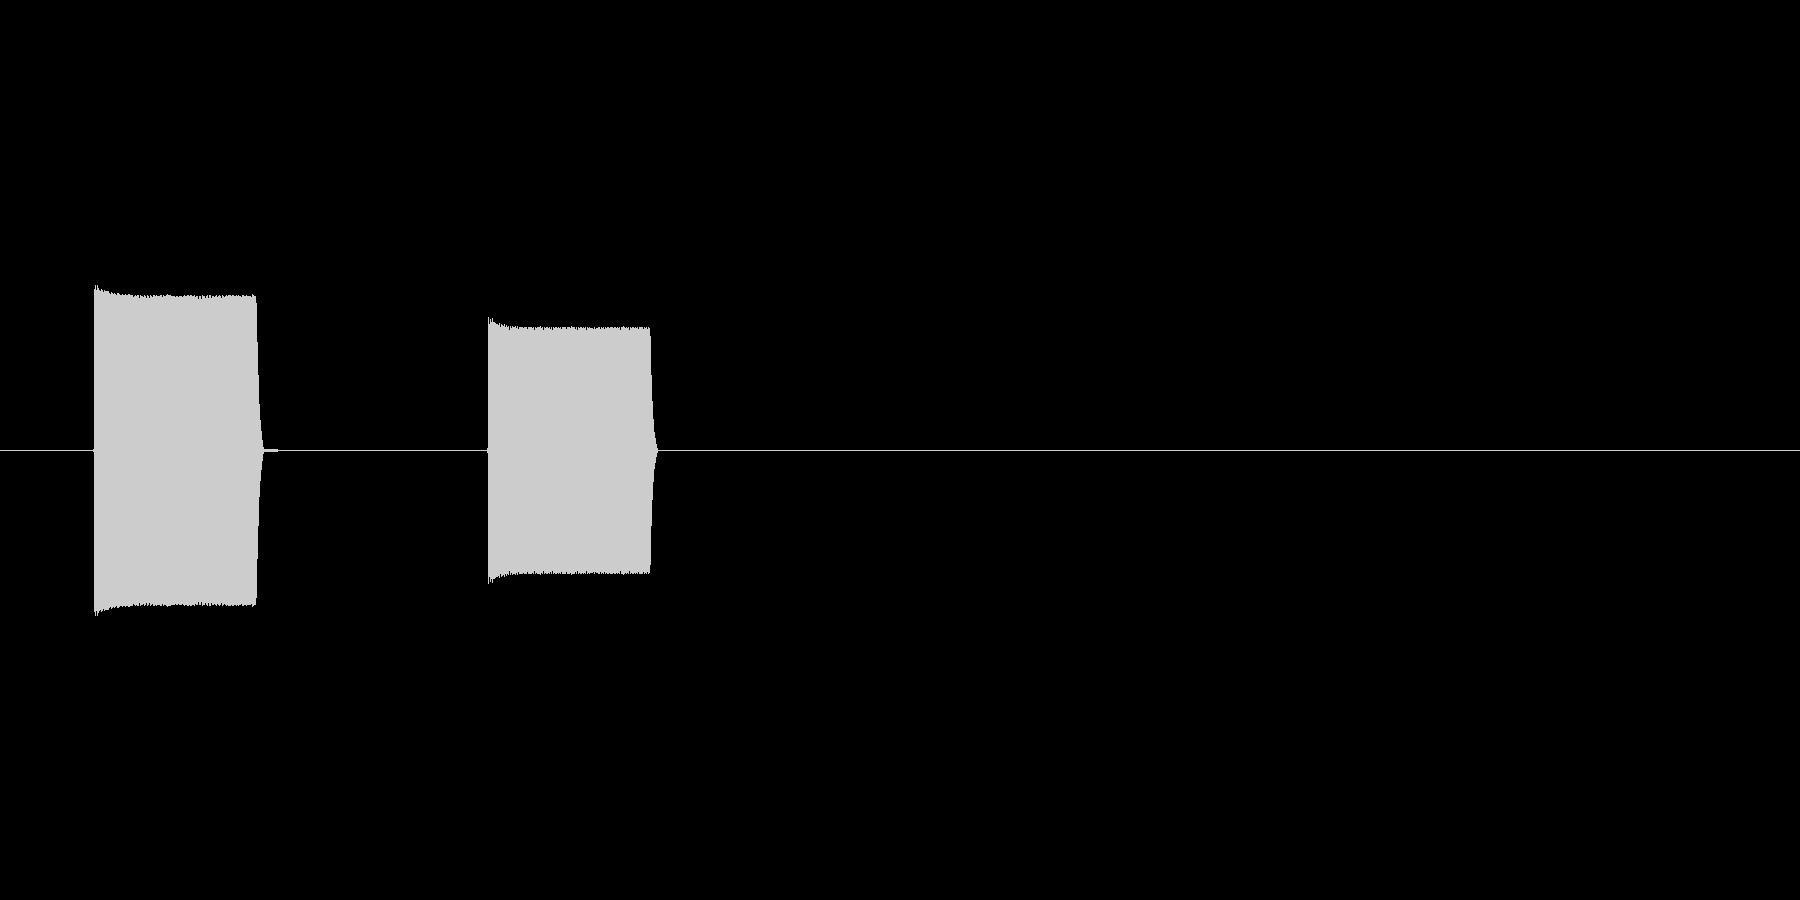 カッコー(信号、横断歩道、交通安全)の未再生の波形